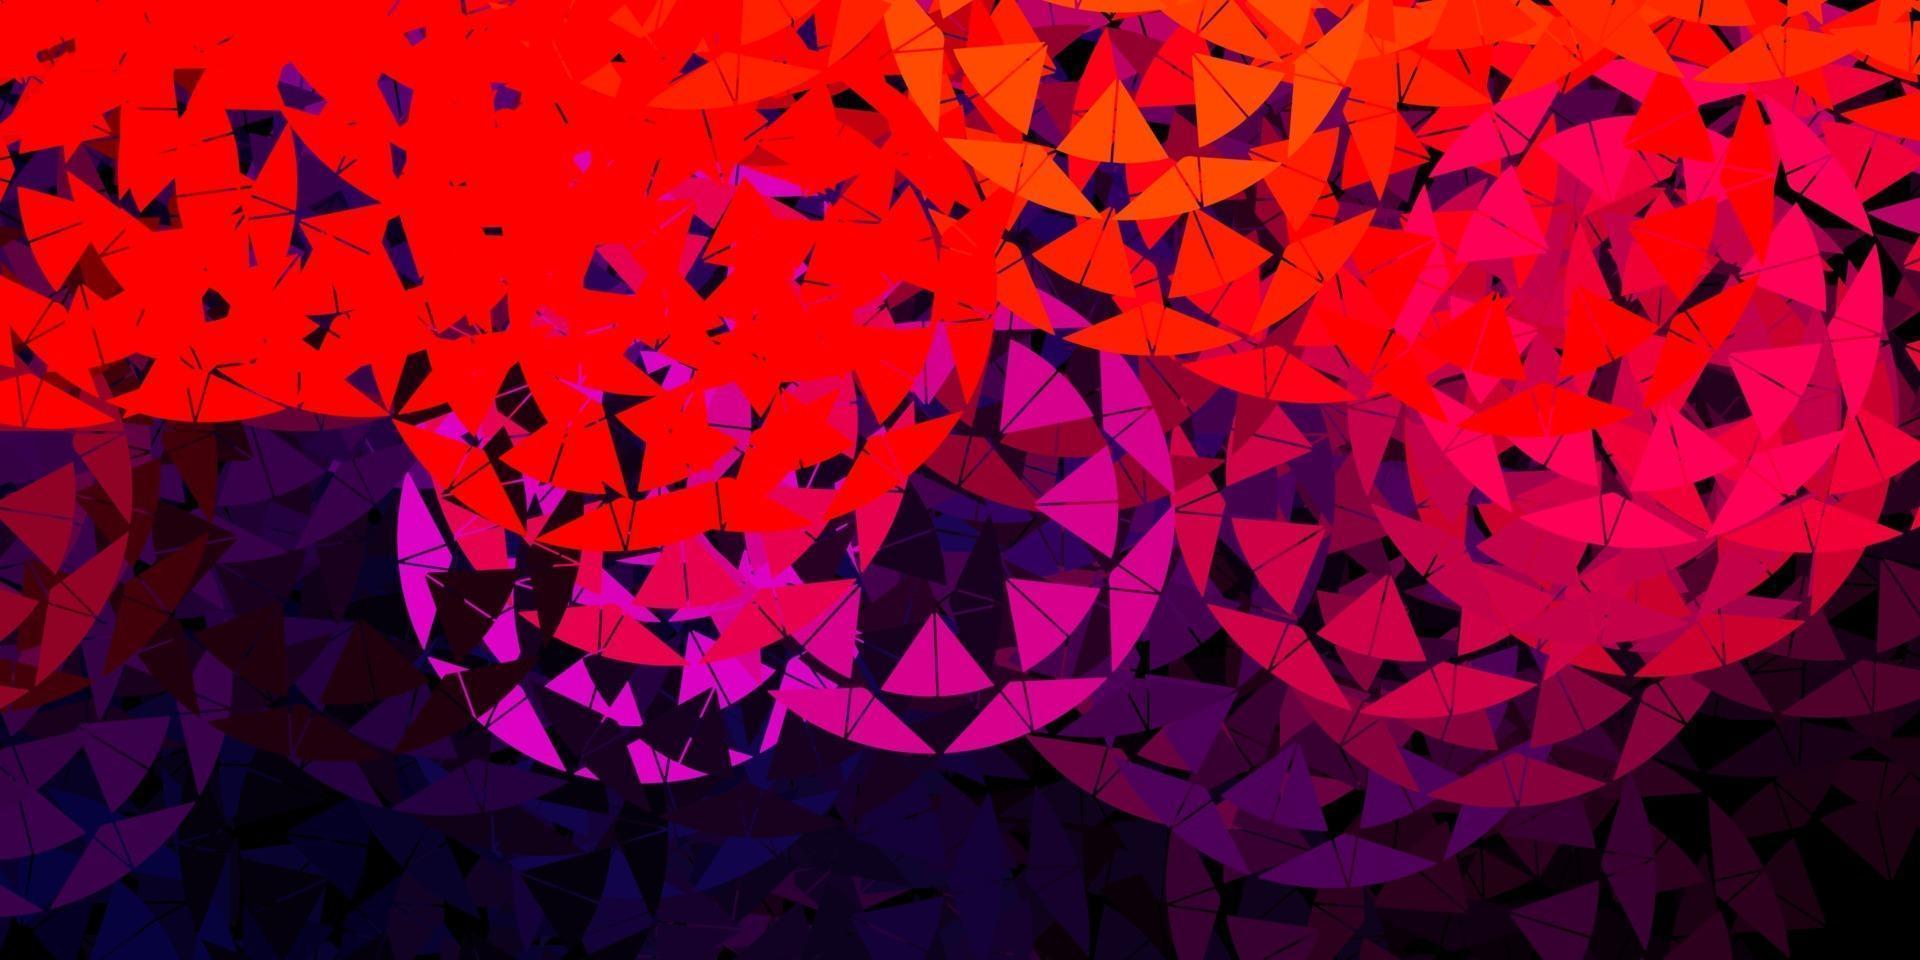 toile de fond de vecteur rose et rouge foncé avec des triangles, des lignes.